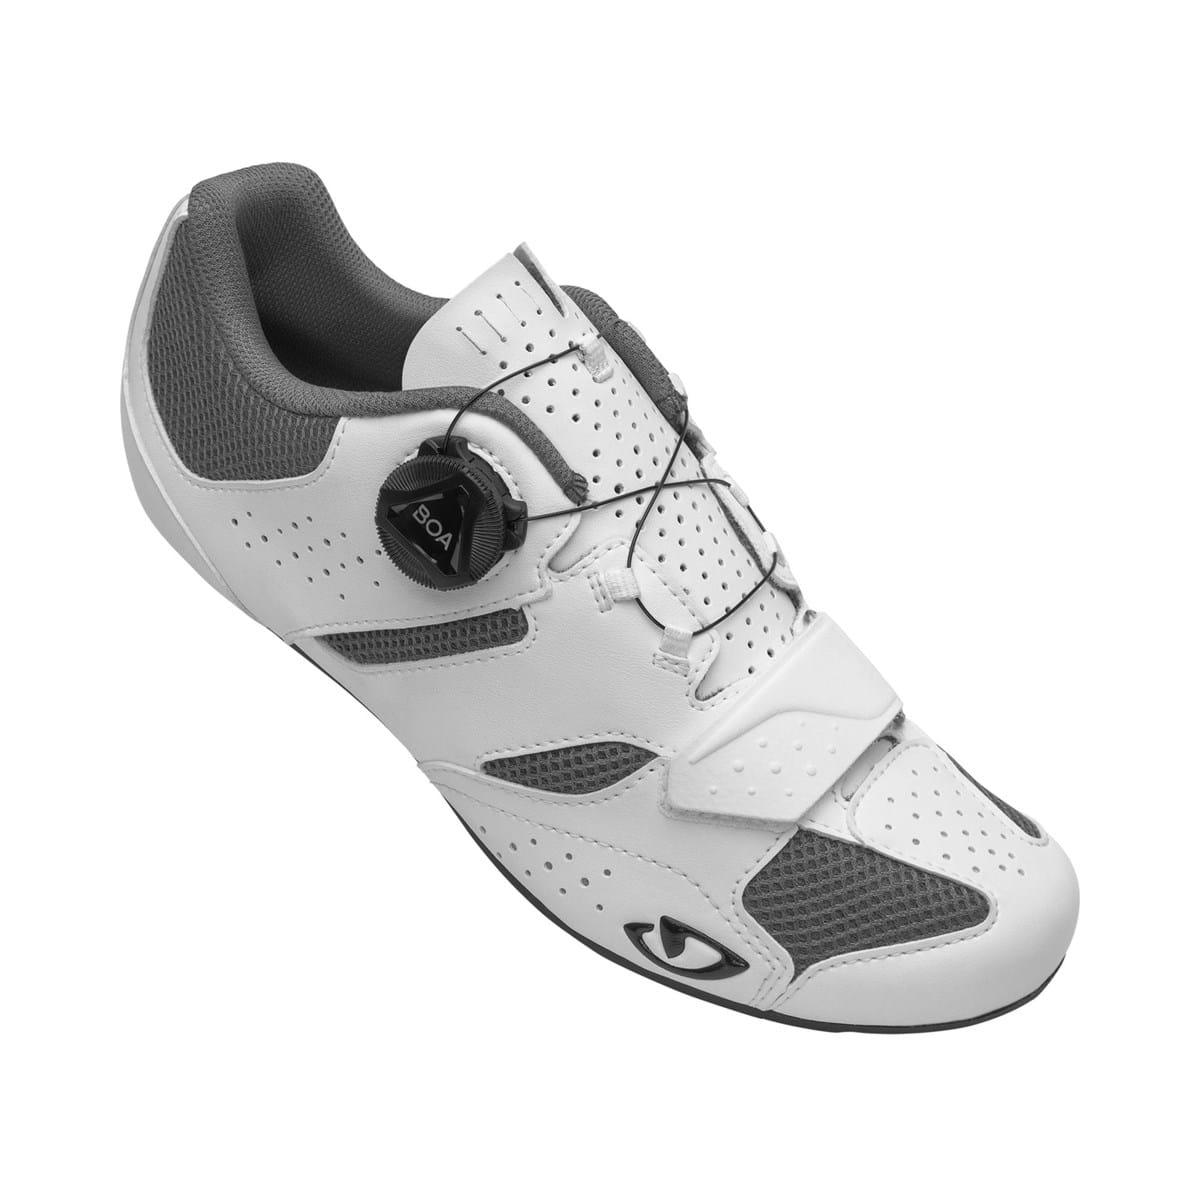 Savix II Women's Road Cycling Shoes